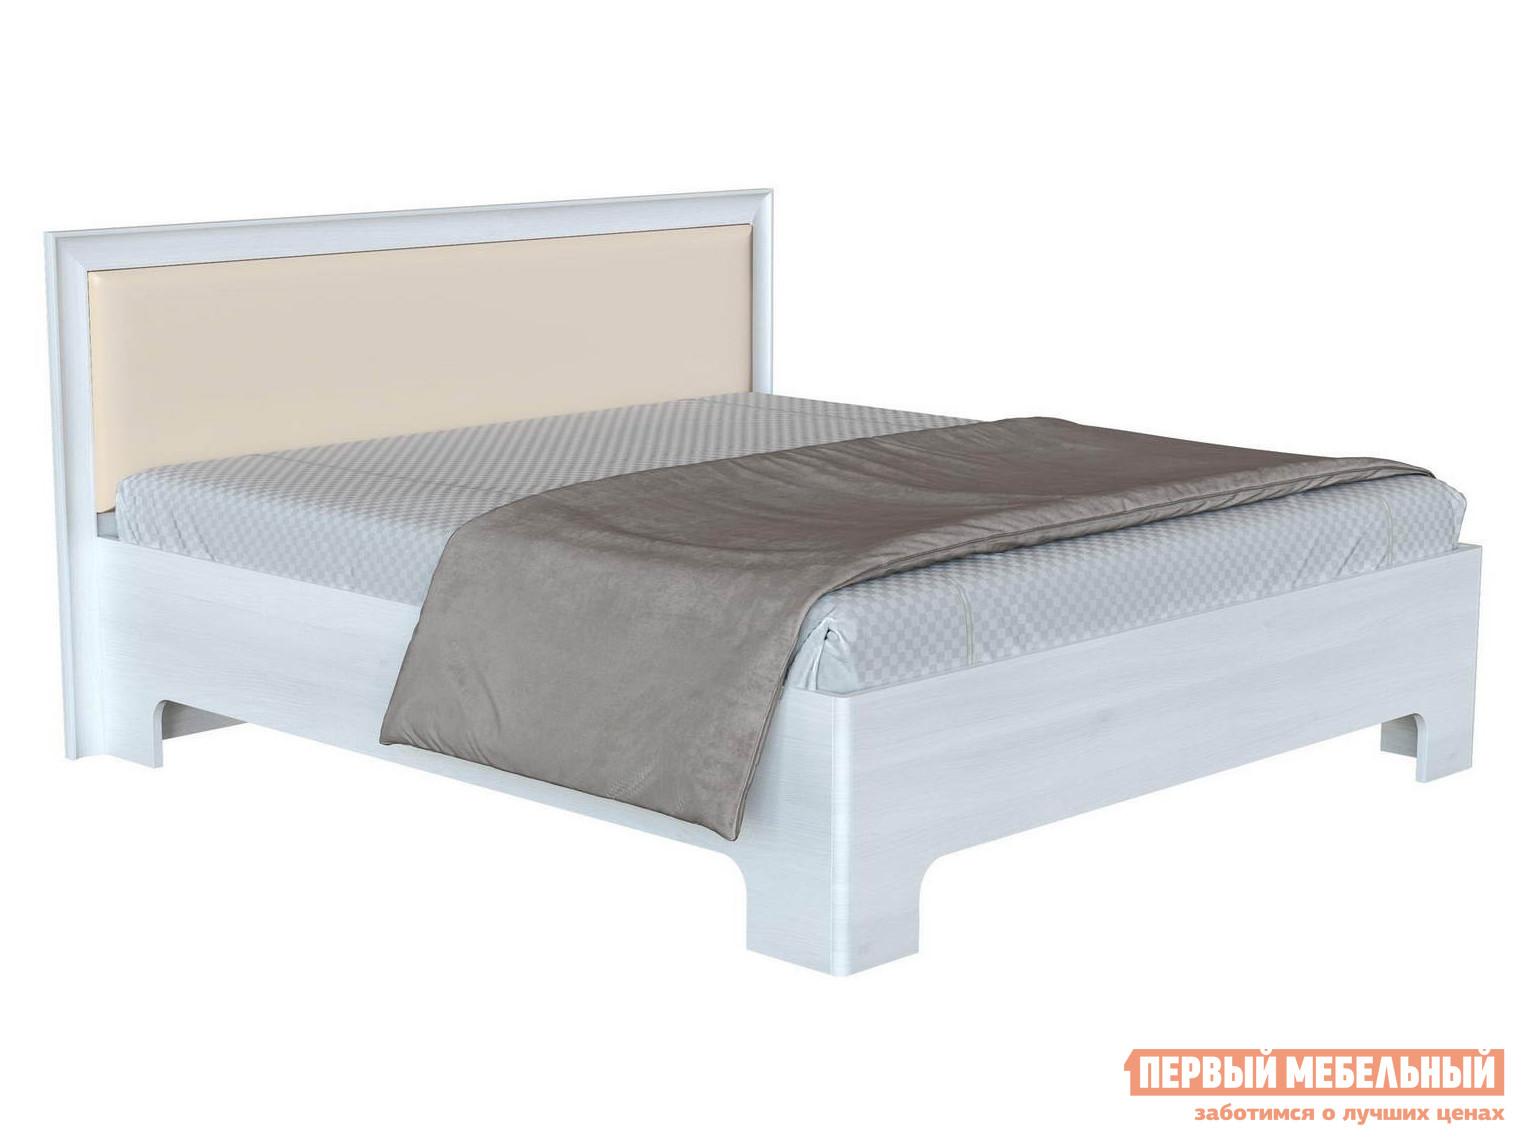 Полутороспальная кровать Первый Мебельный Прато 1-1,5 напольное зеркало первый мебельный прато вз